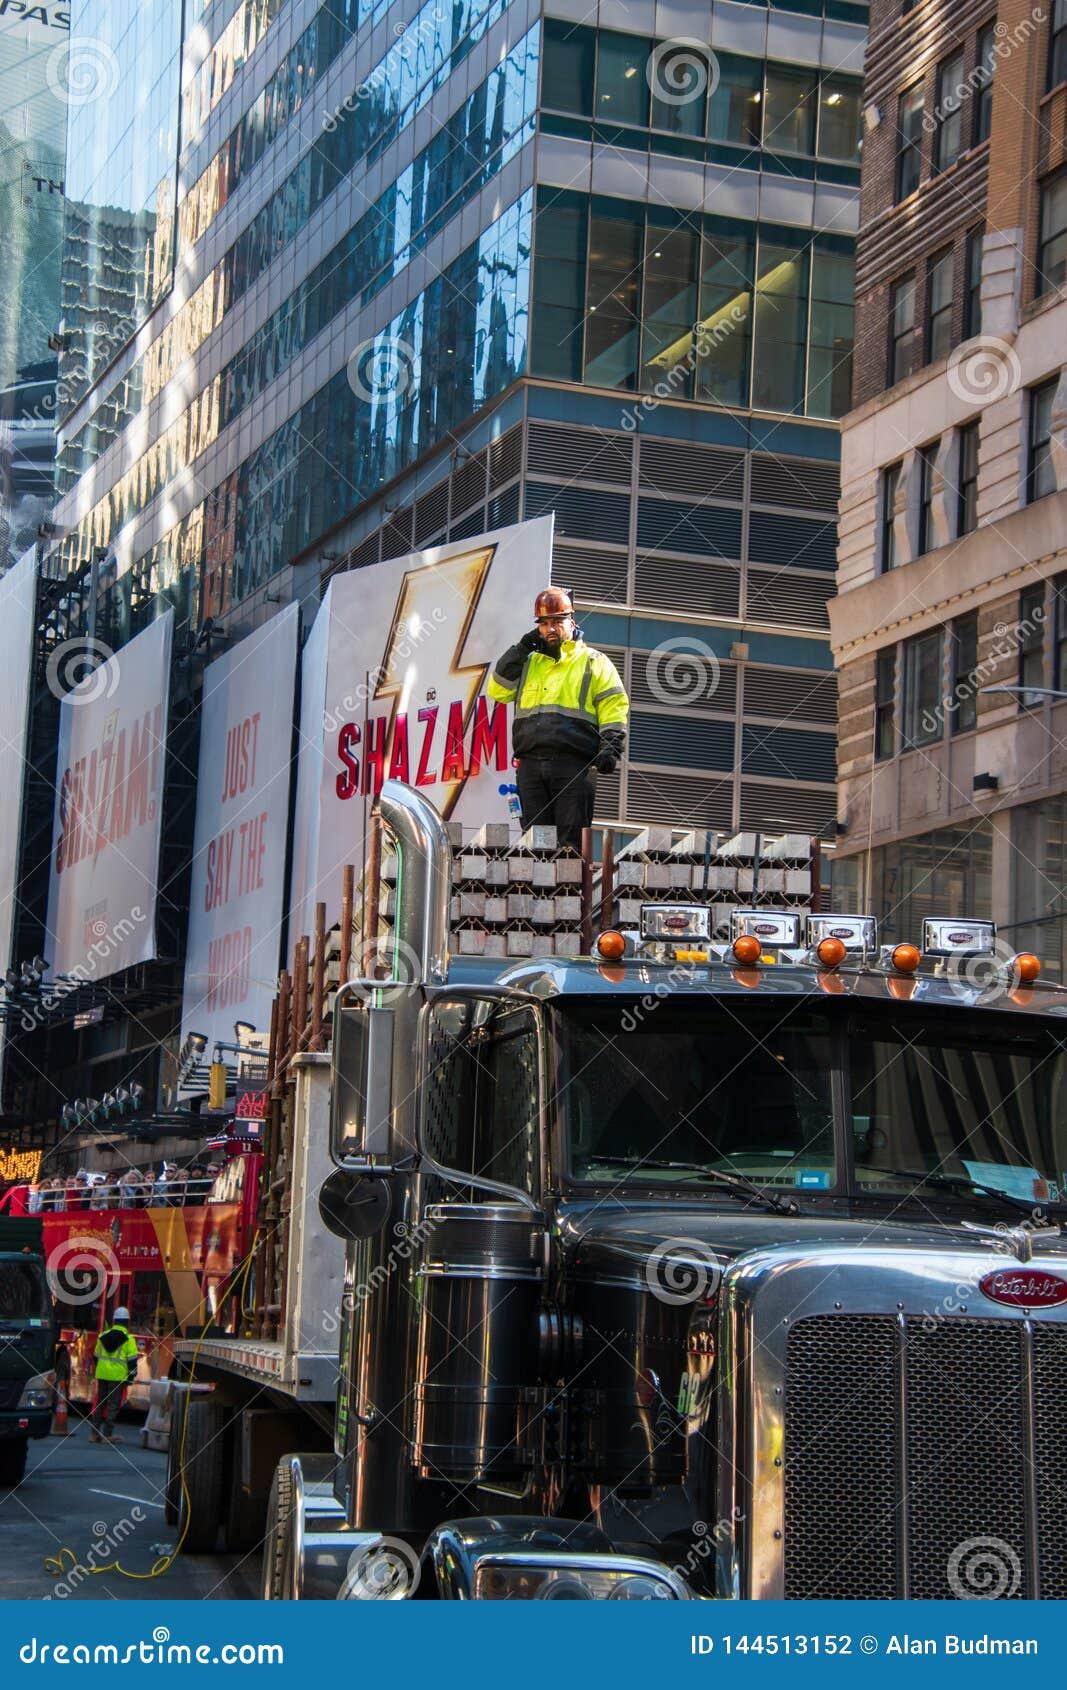 Bauarbeiterstellung auf eine konkrete Last auf einem großen LKW auf einer Allee in Manhattan, New York